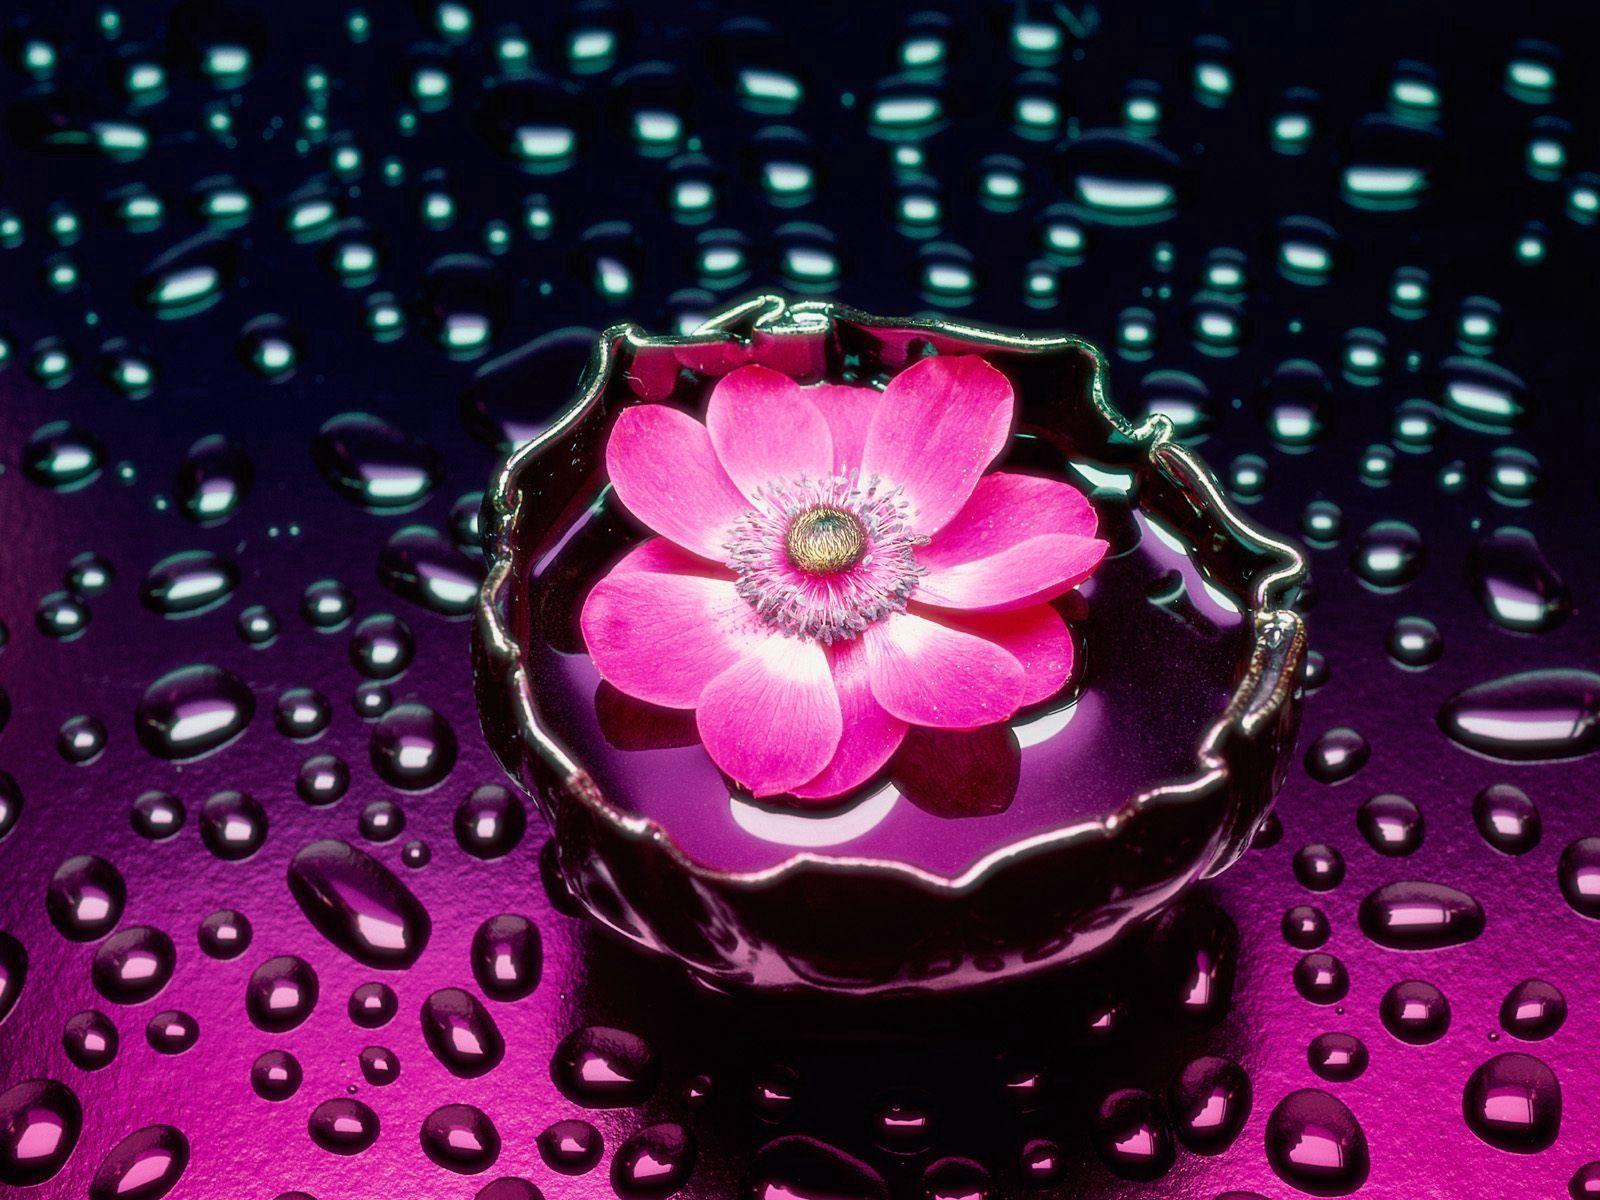 121958 descargar fondo de pantalla Flores, Flor, Drops, Agua, Jarrón, Fondo: protectores de pantalla e imágenes gratis